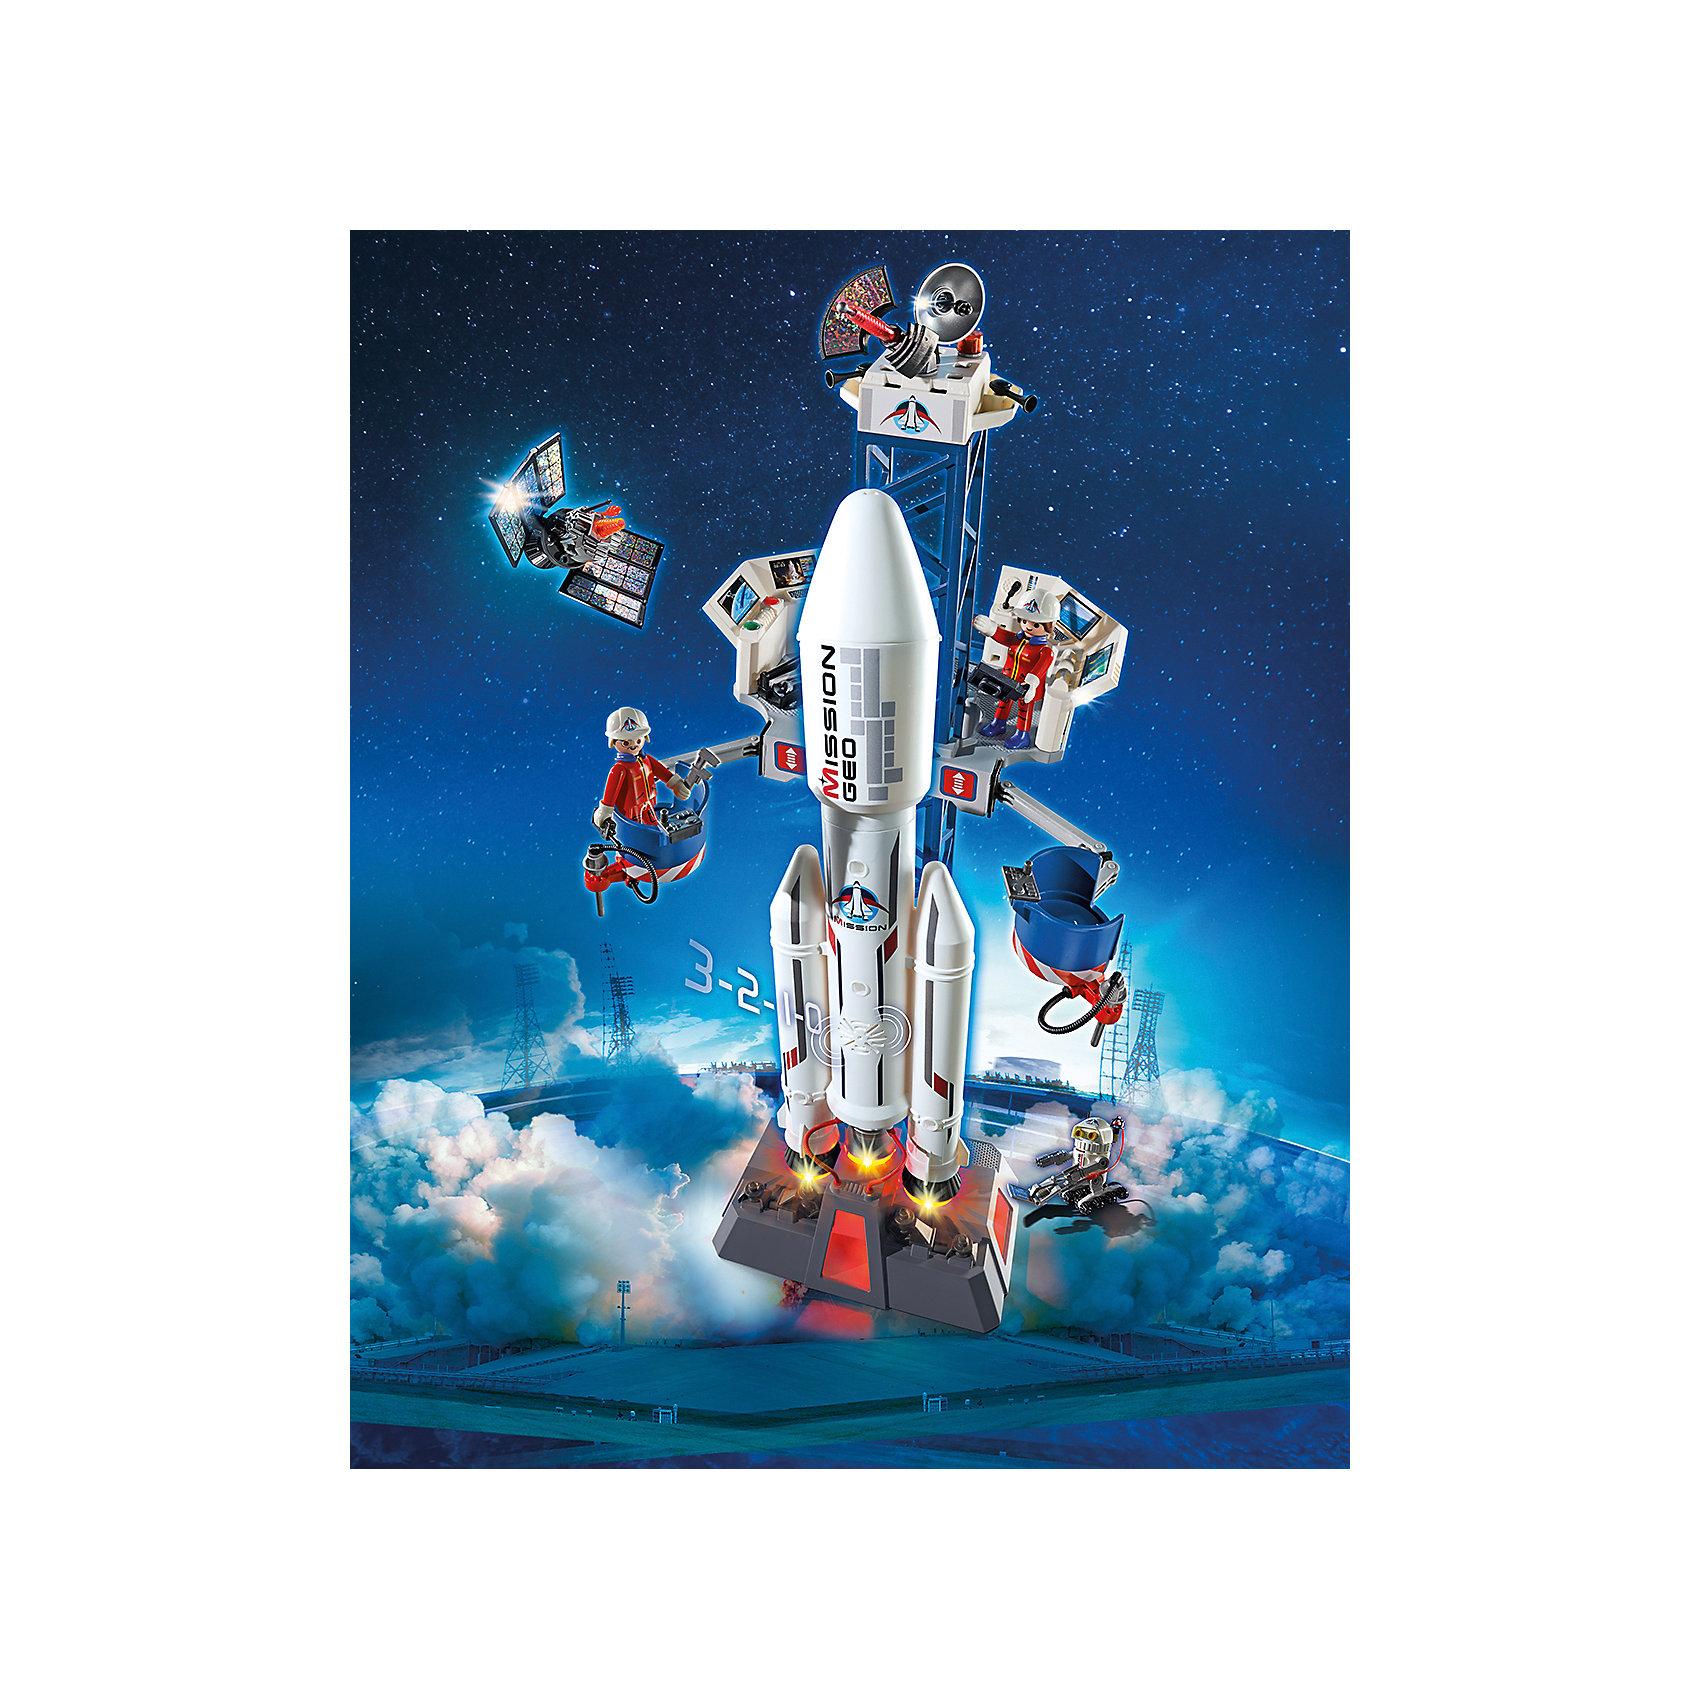 Космическая миссия: Космическая ракета с базовой станцией, PlaymobilПластмассовые конструкторы<br>Отправляйся в космос вместе с этим замечательным набором. Скорее снаряжай экспедицию и готовь к отправке космический корабль. Подвижная платформа может регулироваться в четырех позициях. Транспортные контейнеры могут быть отцеплены от ракеты. У подножия стартовой платформы есть командный центр. С помощью ракеты ты сможешь запустить на орбиту спутник, которых находится внутри грузового отсека ракеты. Звуковые и световые эффекты сделают игру еще реалистичнее и интереснее. Все детали прекрасно проработаны и выполнены из высококачественного экологичного пластика безопасного для детей. Играть с таким набором не только приятно и интересно - подобные виды игры развивают мелкую моторику, воображение, творческое мышление.<br><br>Дополнительная информация:<br><br>- 2 фигурки в наборе. <br>- Комплектация: 2 фигурки механиков, обслуживающая платформа, сателлит, аксессуары, робот. <br>- Материал: пластик.<br>- Световые, звуковые эффекты.<br>- У ракеты горят задние огни. <br>- Обратный отсчет можно установить на английском и французском языках.<br>- Размер пусковой установки: 22 x 28 x 72 см<br>- Высота фигурки: 7,5 см.<br>- Голова, руки, ноги у фигурок подвижные.<br>- Элемент питания: 2 микробатарейки батарейки 1,5 V (не входят в комплект).<br><br>Набор Космическая ракета с базовой станцией, PLAYMOBIL (Плеймобил), можно купить в нашем магазине.<br><br>Ширина мм: 519<br>Глубина мм: 383<br>Высота мм: 132<br>Вес г: 1606<br>Возраст от месяцев: 72<br>Возраст до месяцев: 144<br>Пол: Мужской<br>Возраст: Детский<br>SKU: 4012471